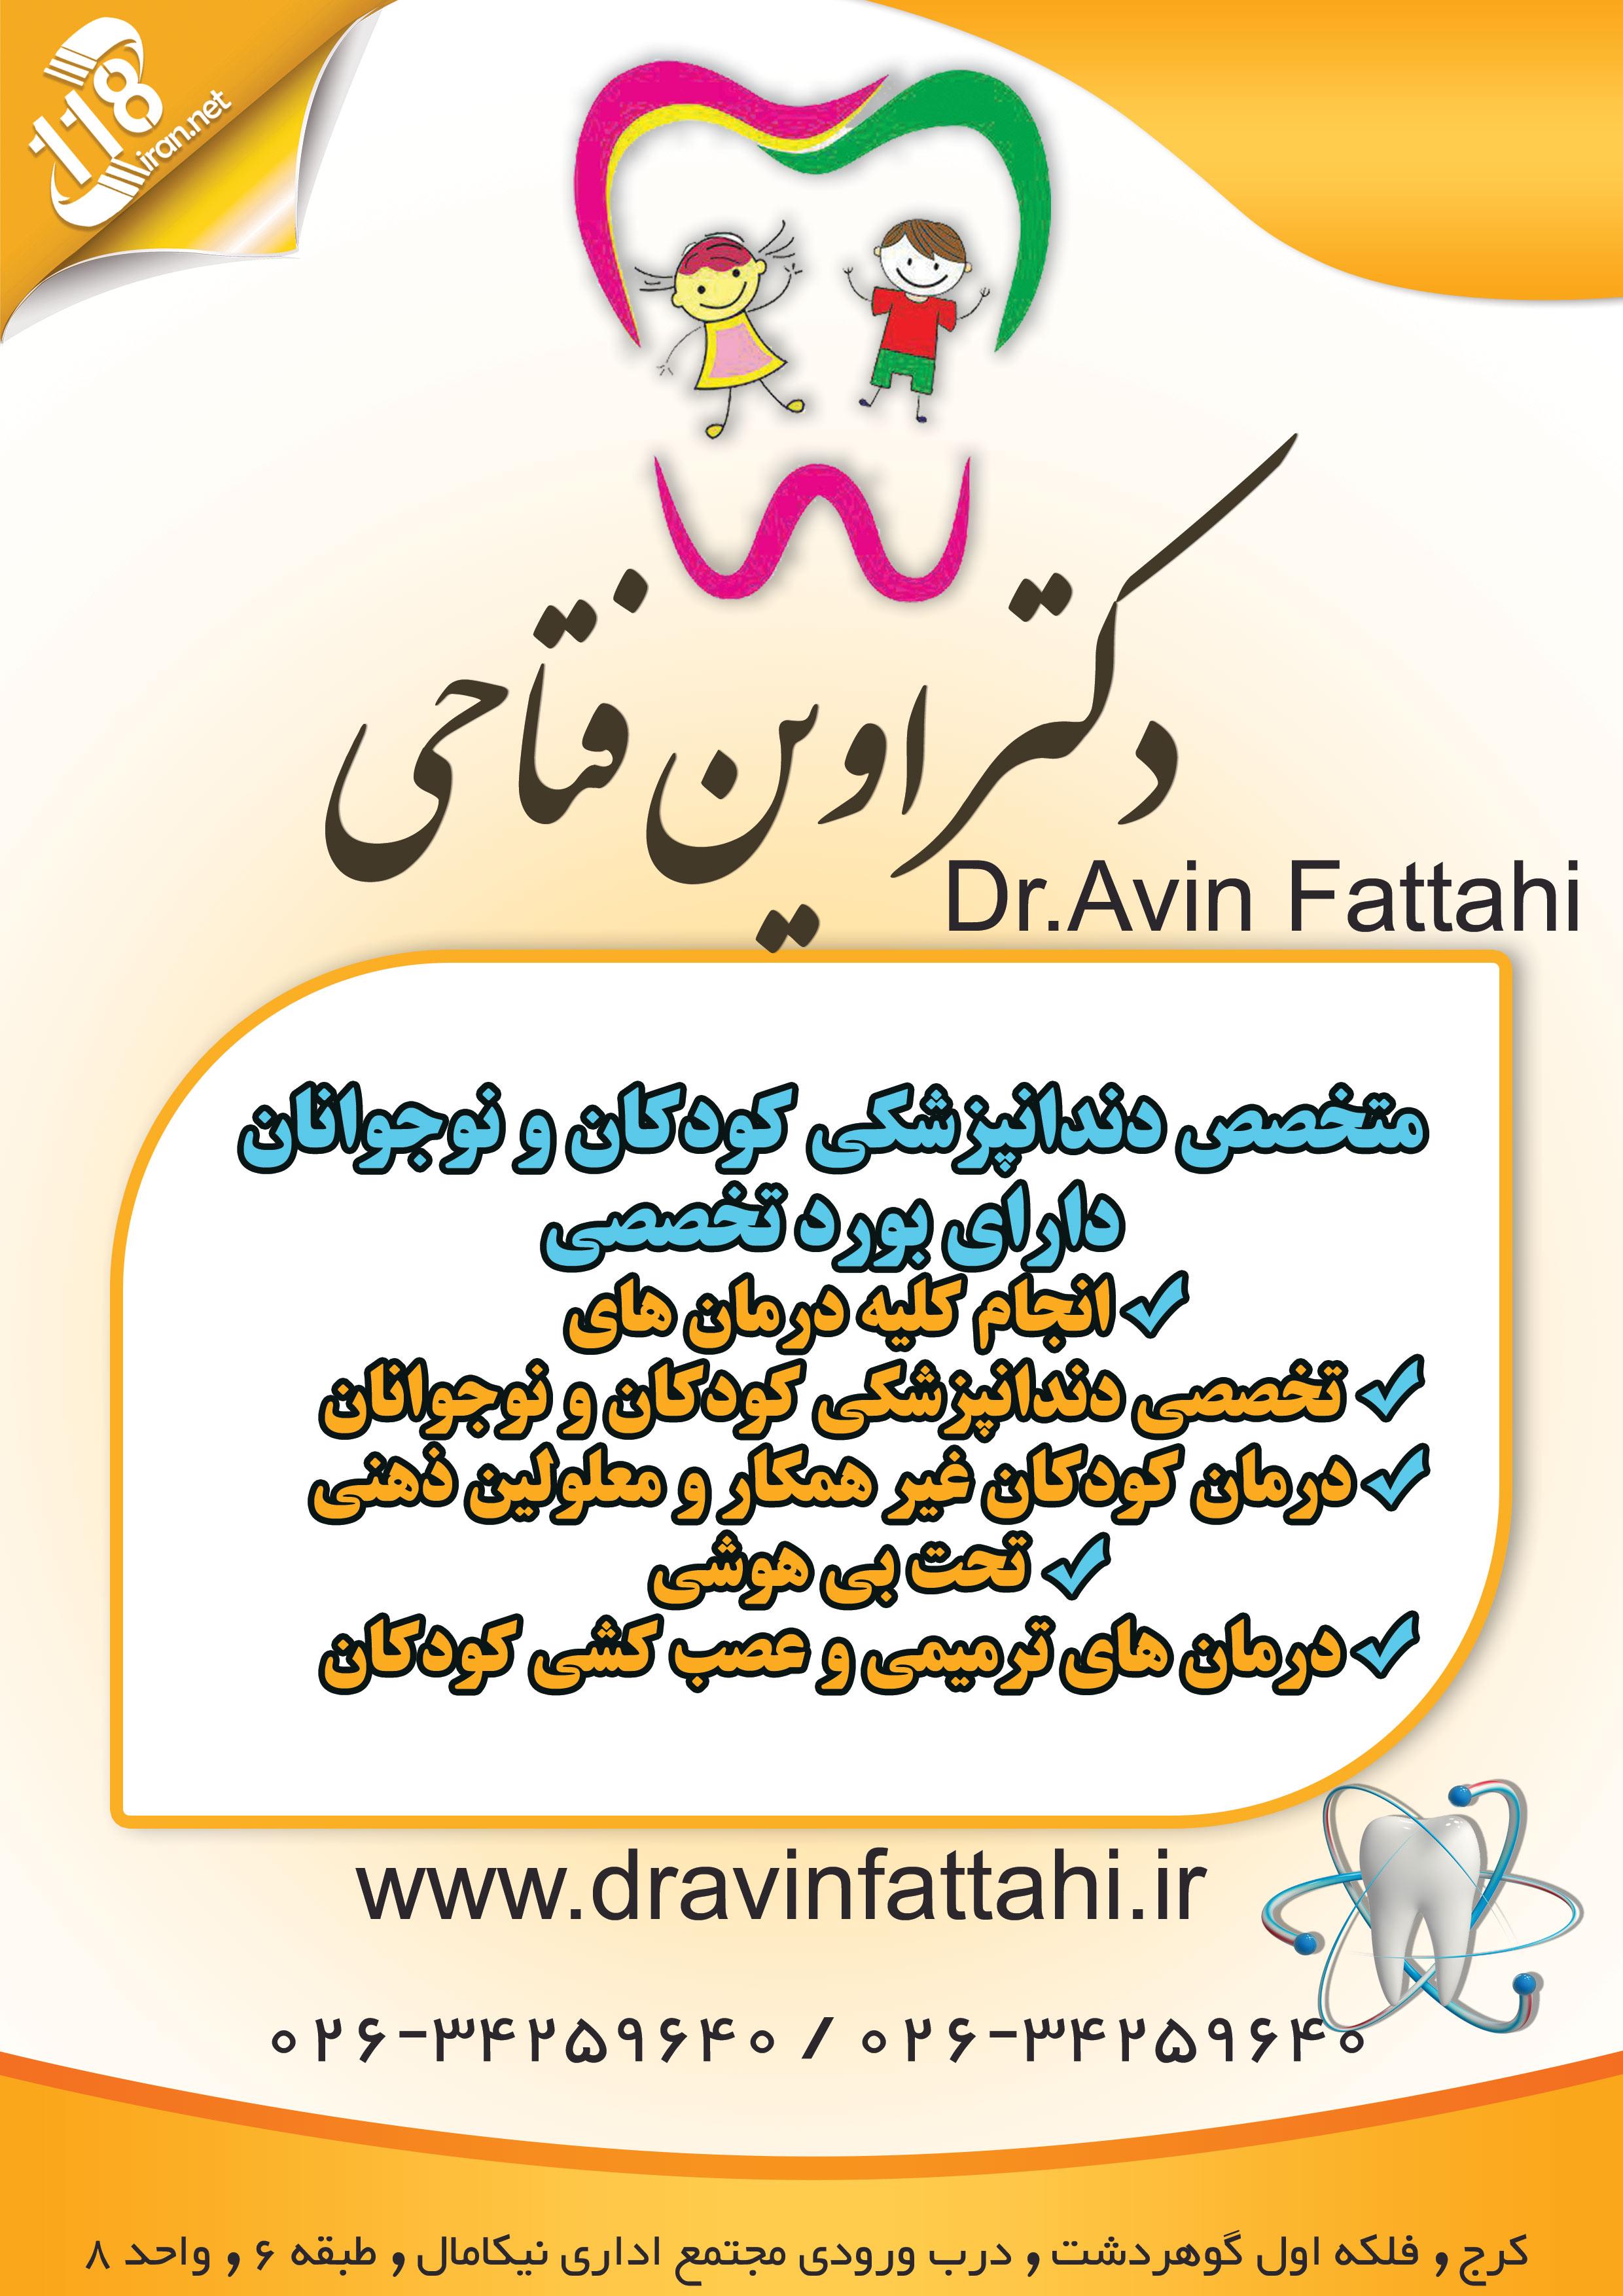 دکتر فتاحی متخصص دندانپزشکی کودکان و نوجوانان